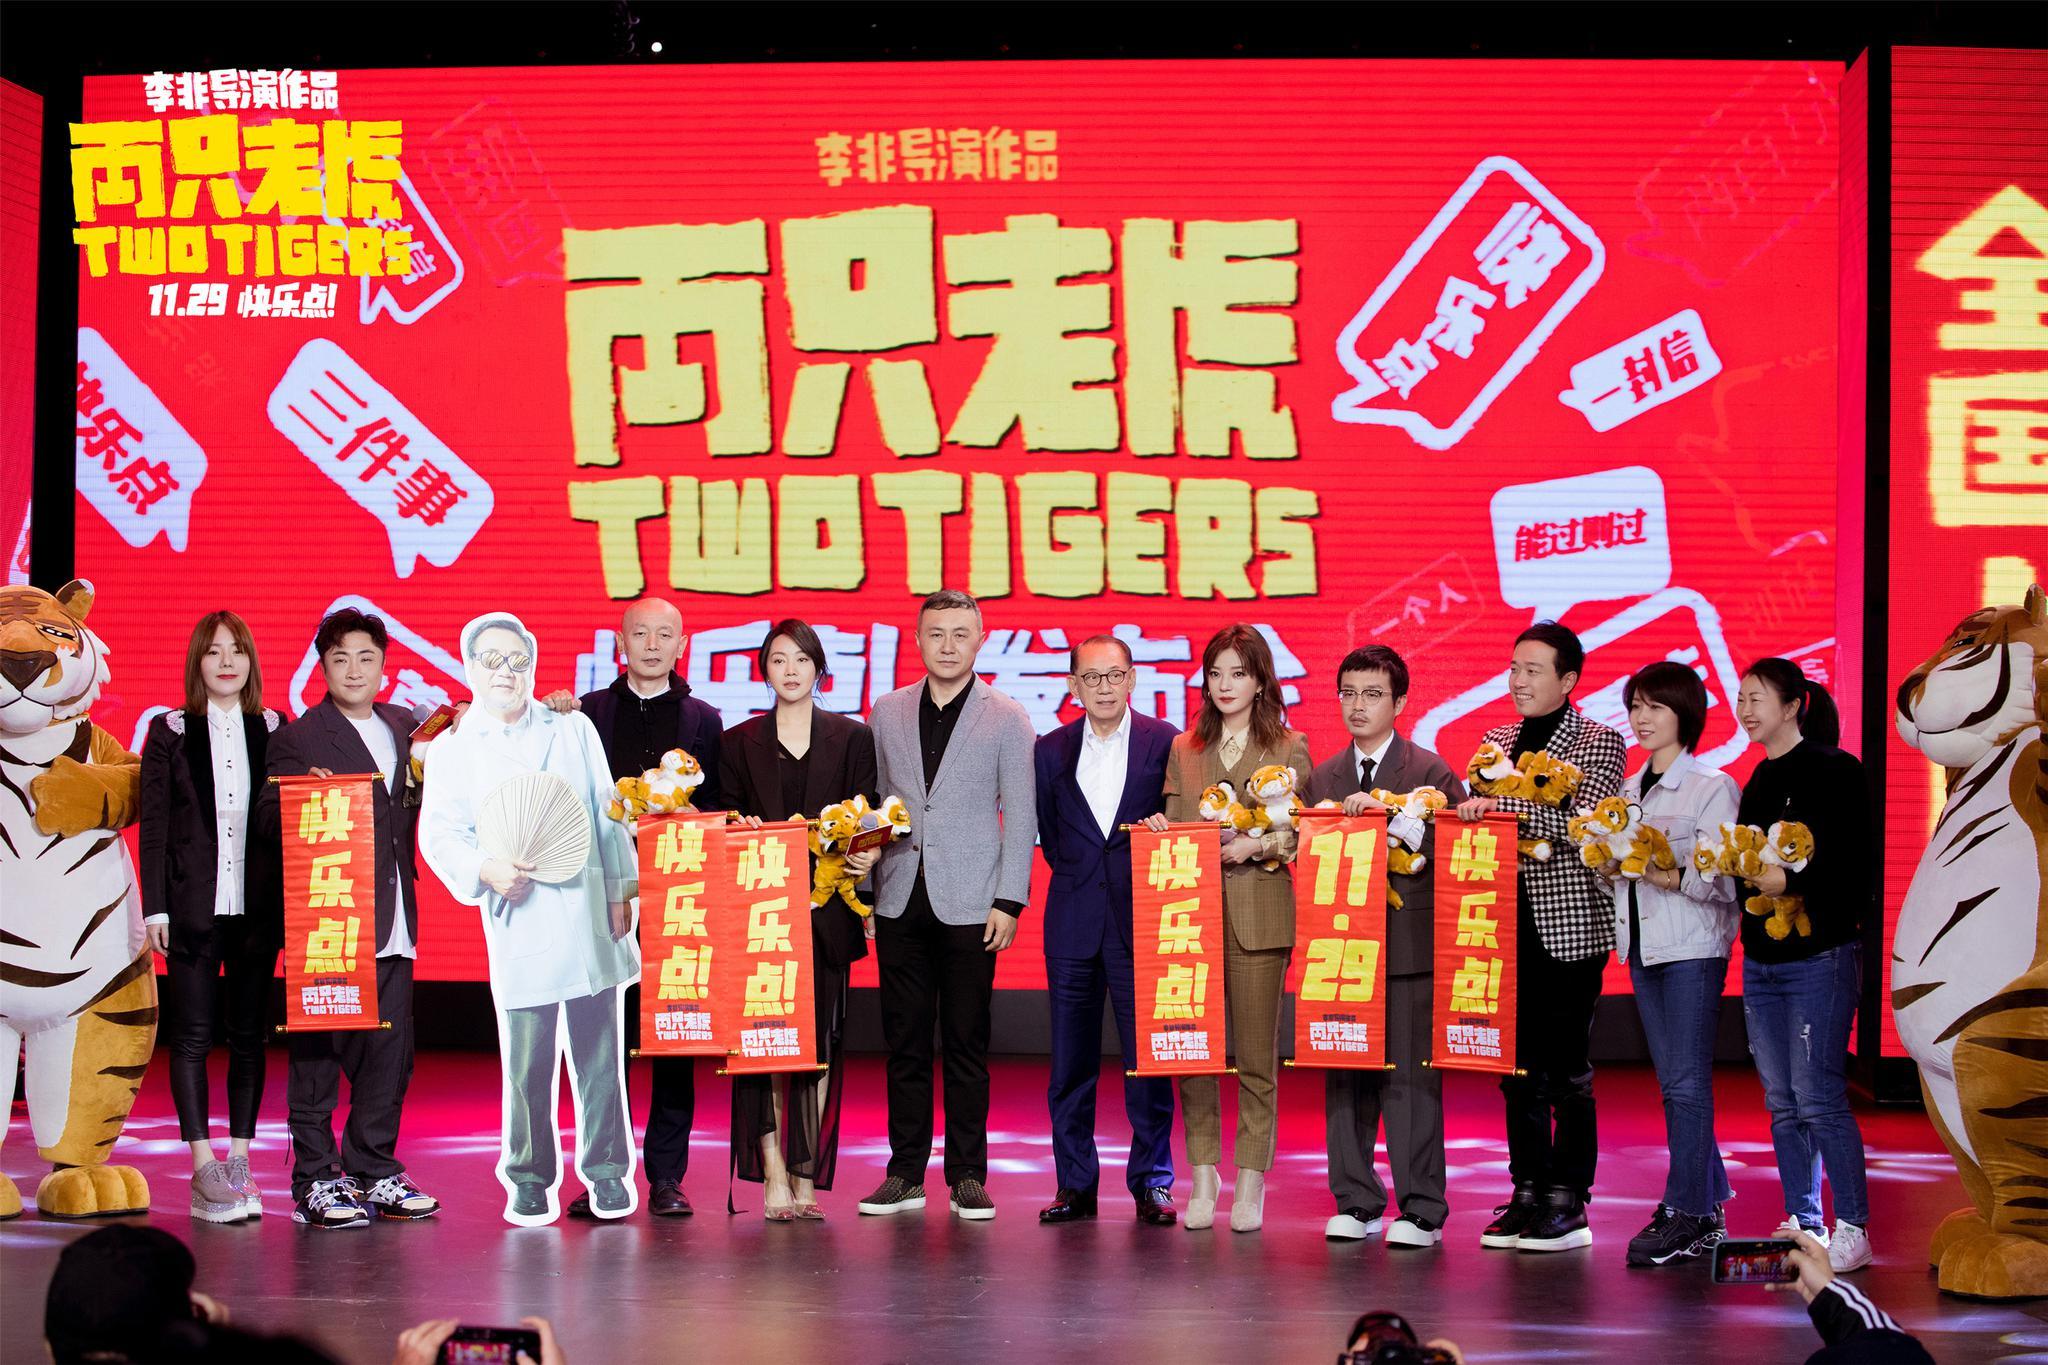 http://www.qezov.club/shehuiwanxiang/313440.html